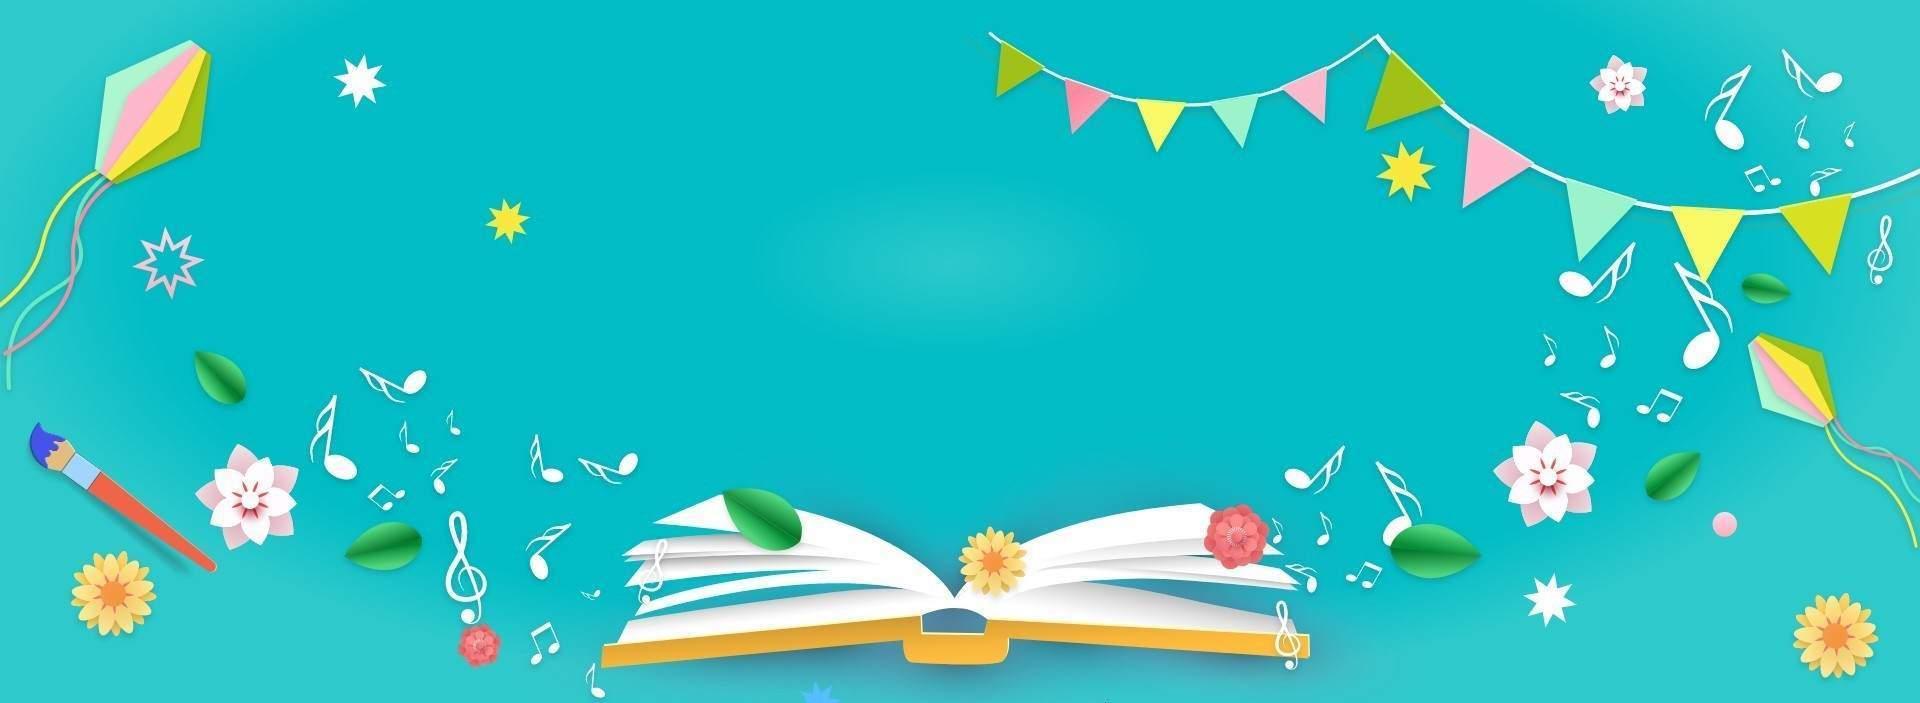 Audiolibri per bambini sull'accoglienza | Libro+cd sull'accoglienza